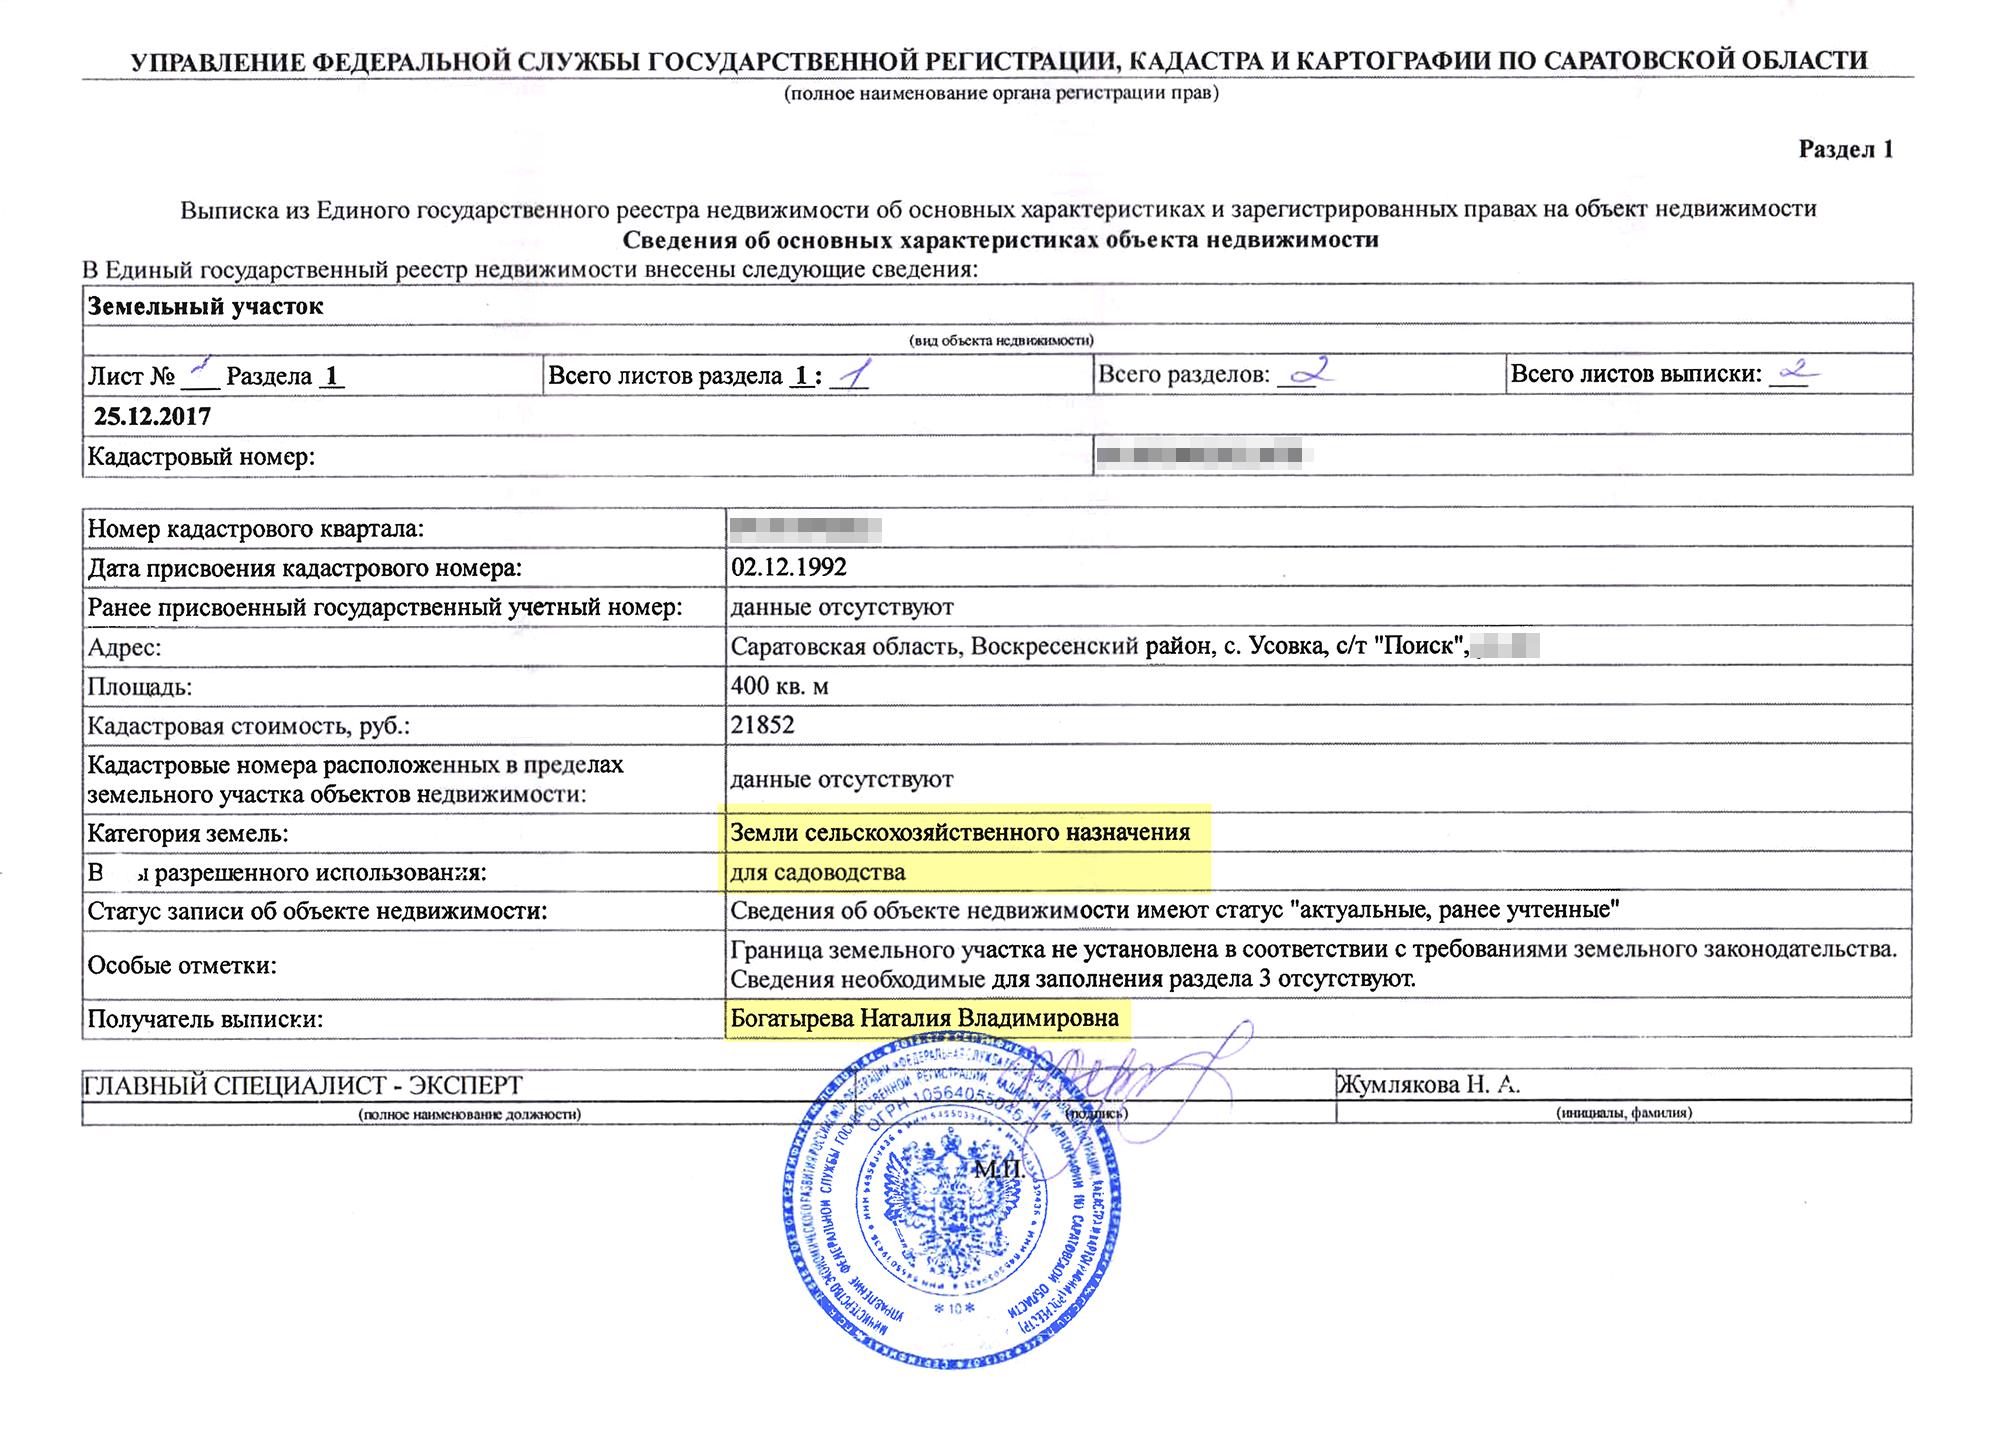 В выписке, которую мне дали по итогам регистрации дарения земельного участка, указано, что собственник участка теперь Богатырева Наталия Владимировна